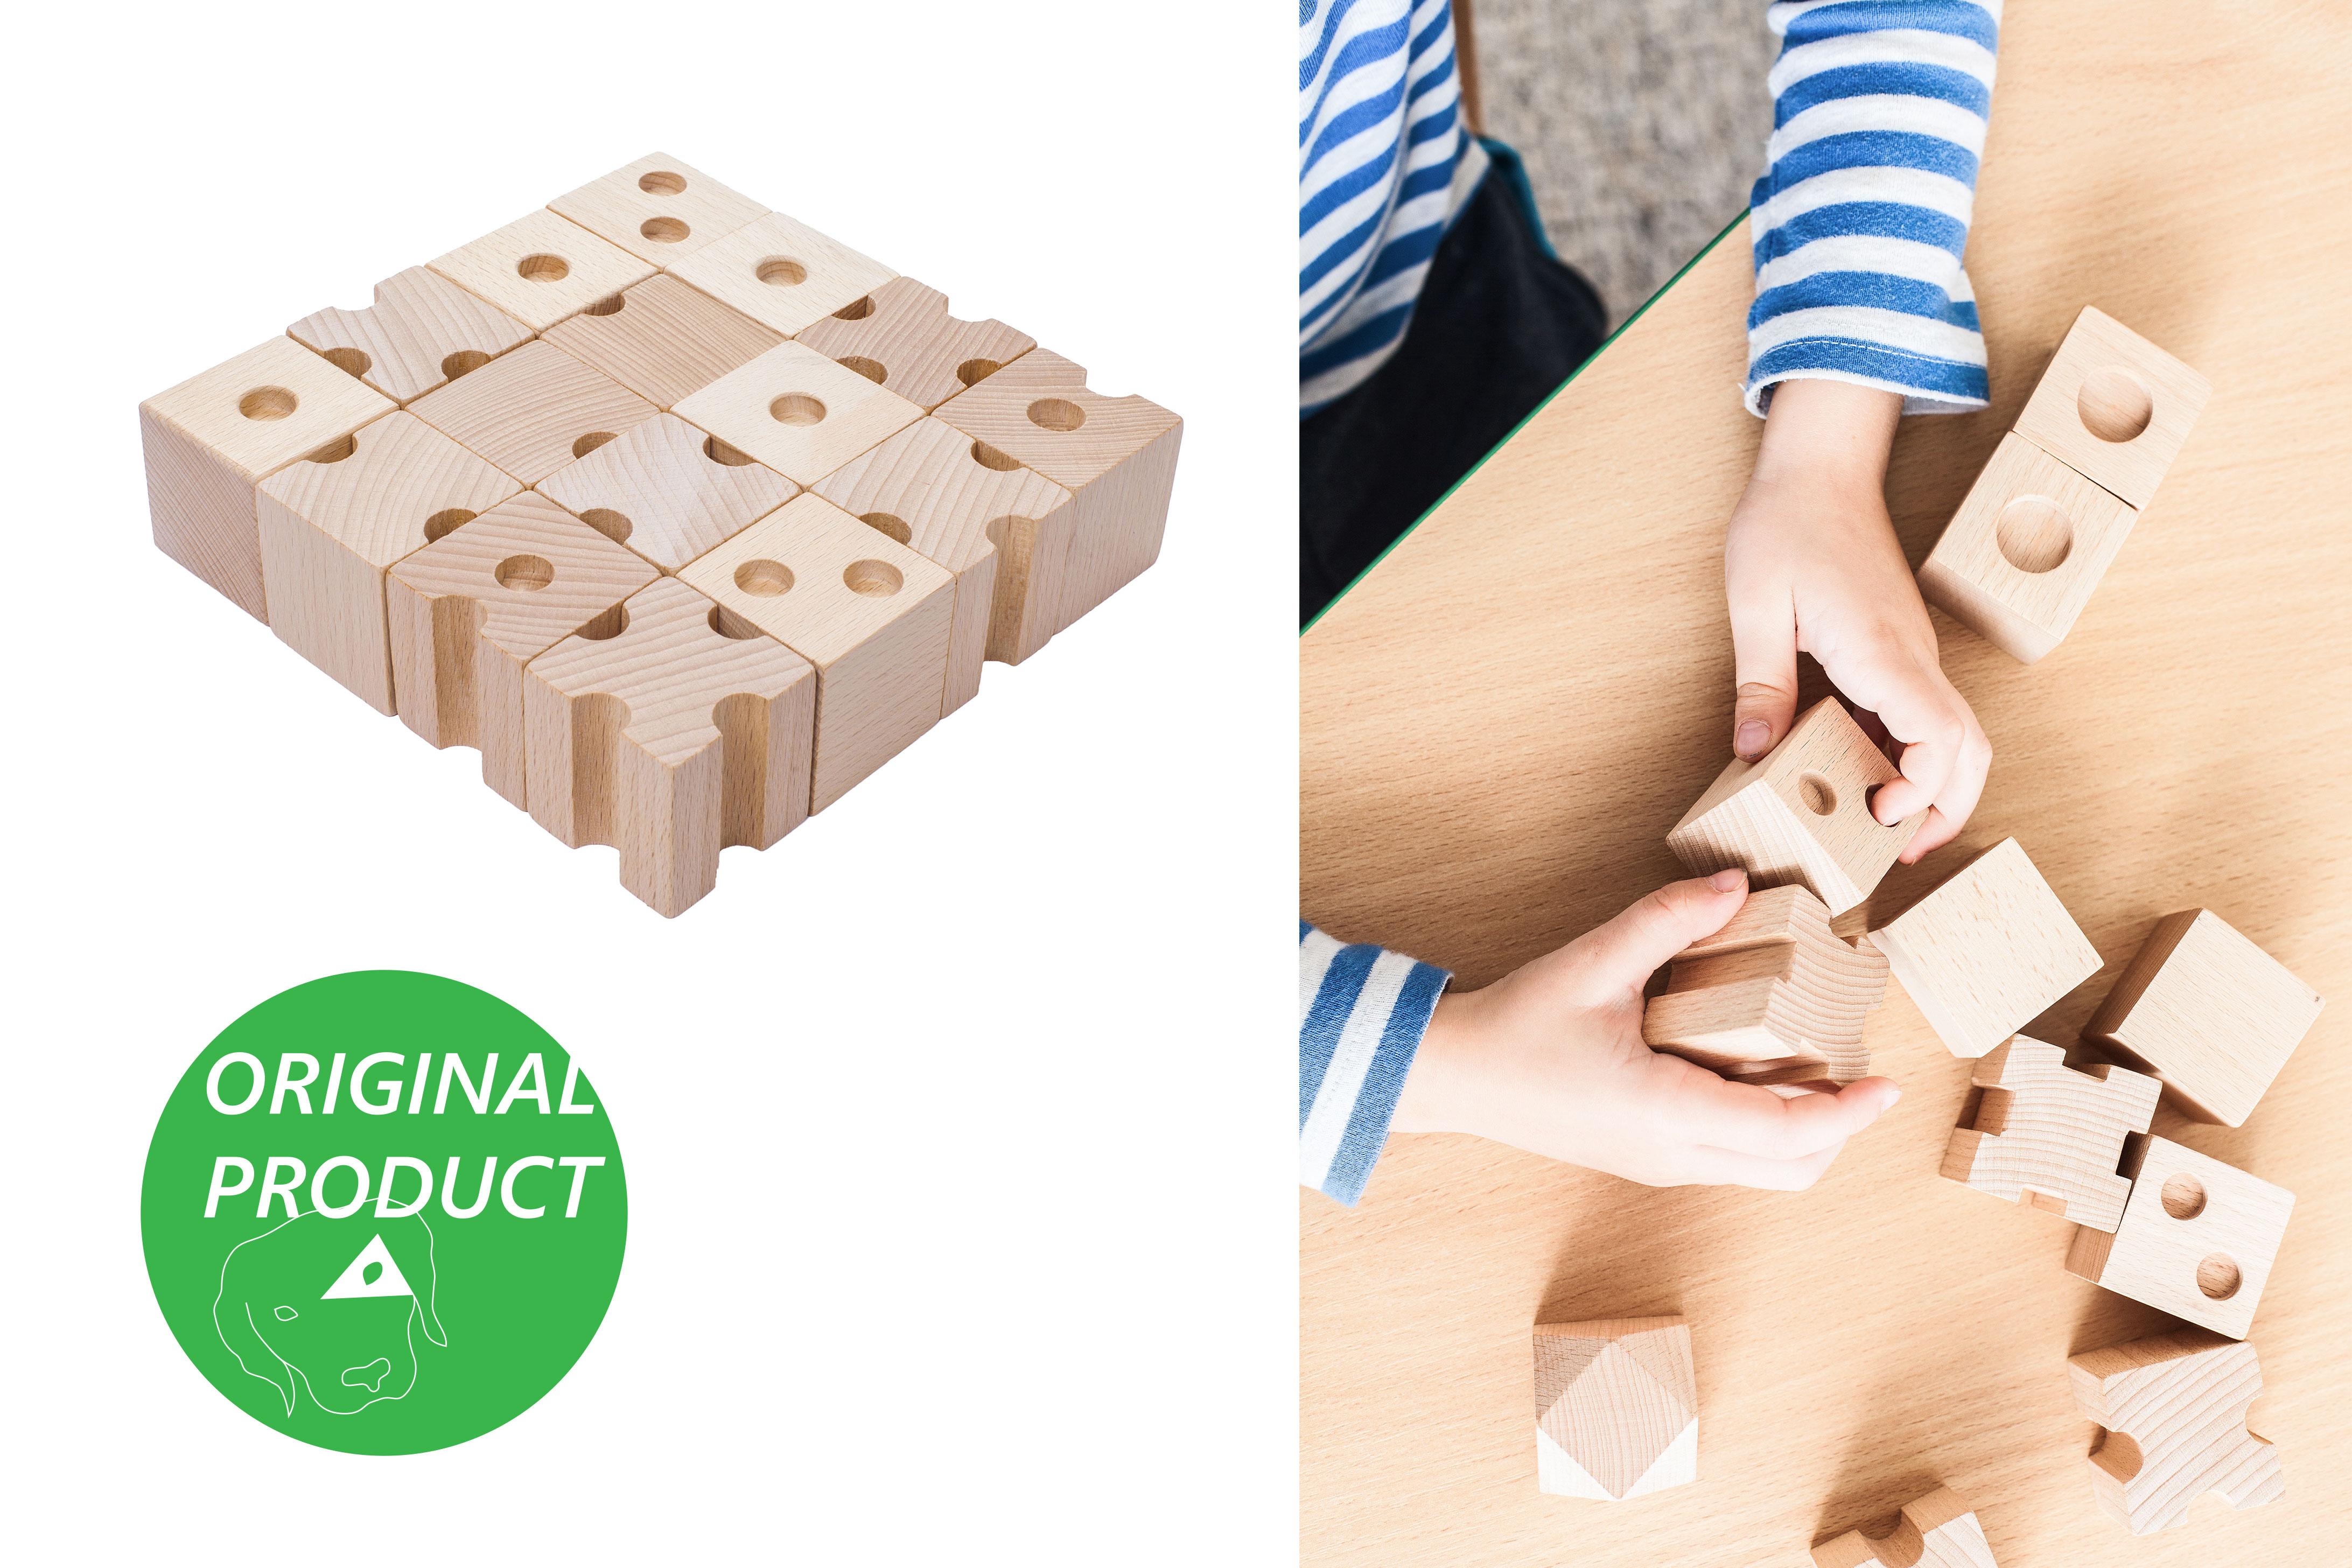 DĚTSKÉ POMŮCKY Dřevěné hmatové kostky 2. stupeň obtížnosti